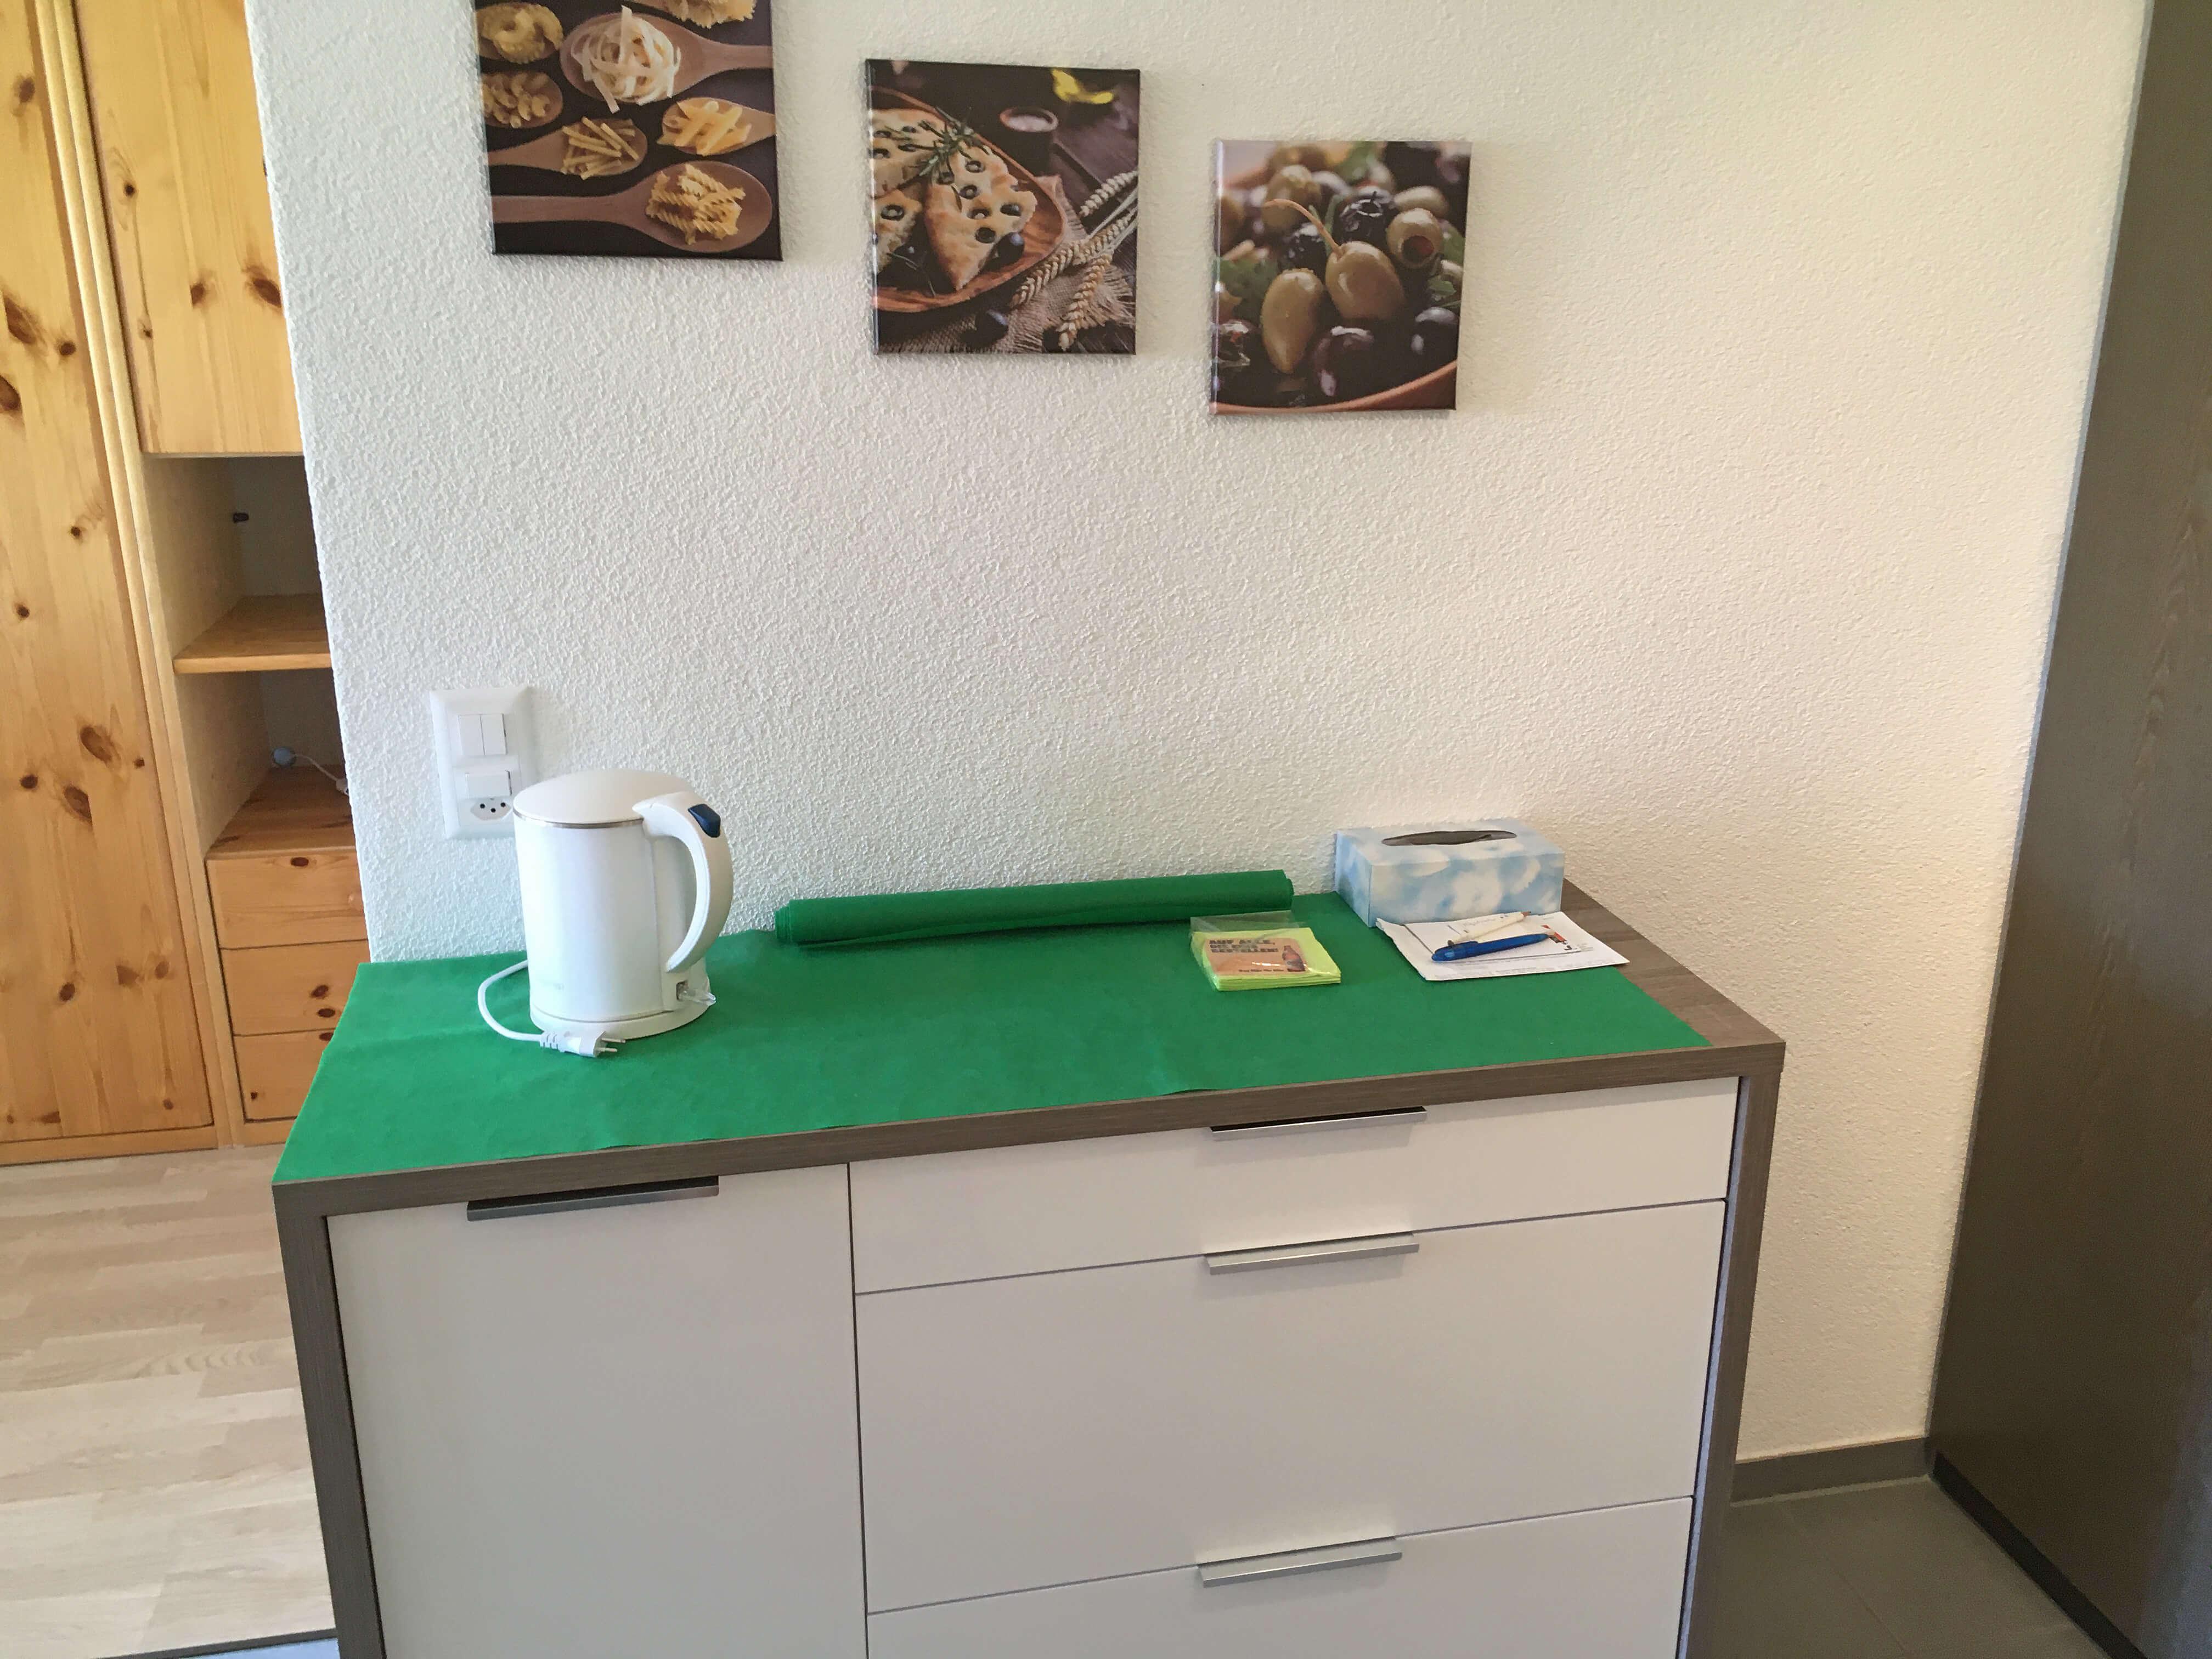 Möbel mit Wasserkocher